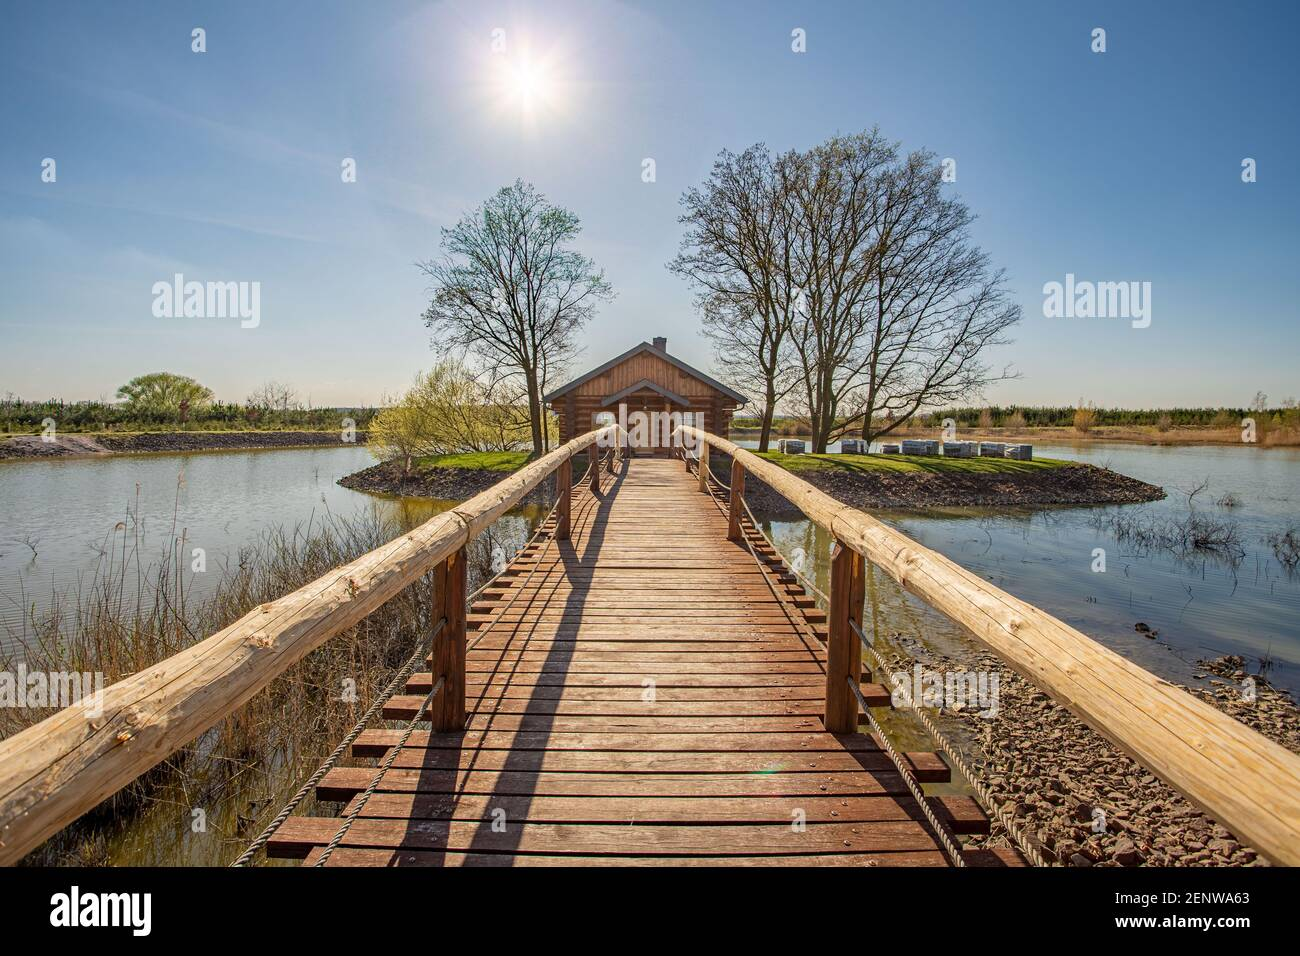 Juin 2020, Kosice, République Tchèque - au milieu du lac il y a une maison dans un petit bosquet, un pont en bois avec des rampes lui mène. L'eau Banque D'Images